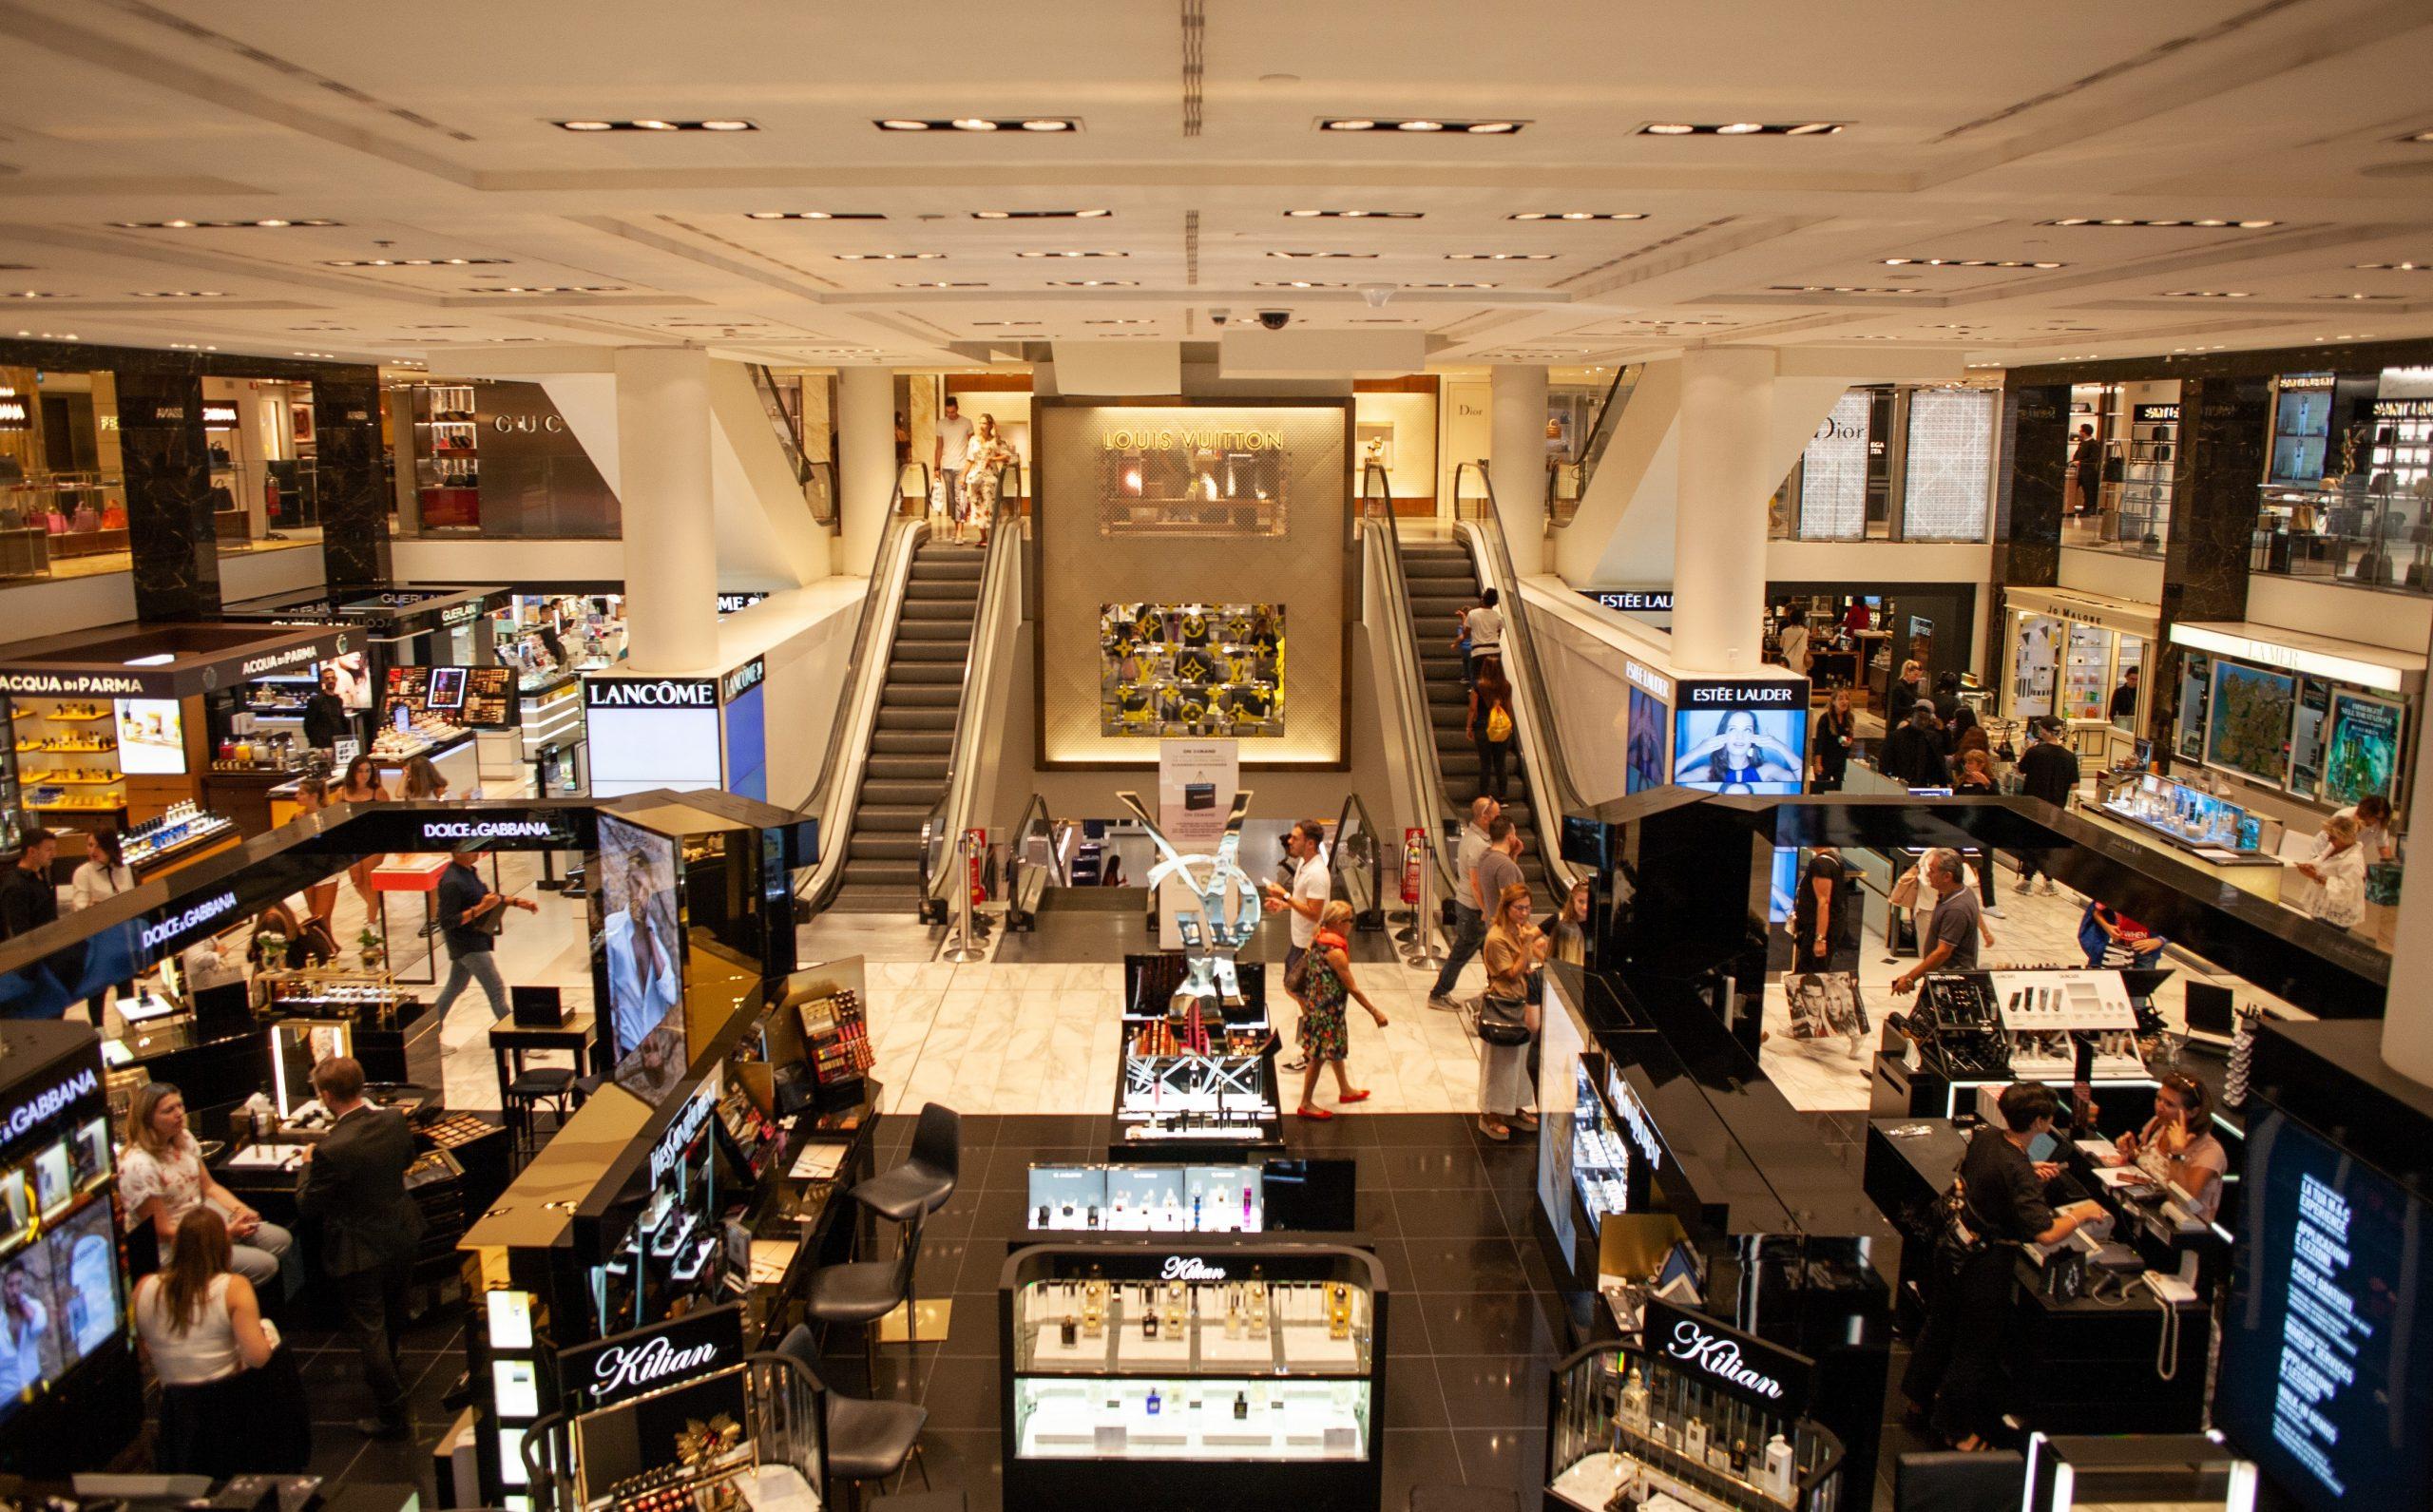 Jakie sklepy najczęściej odwiedzamy w galeriach handlowych?